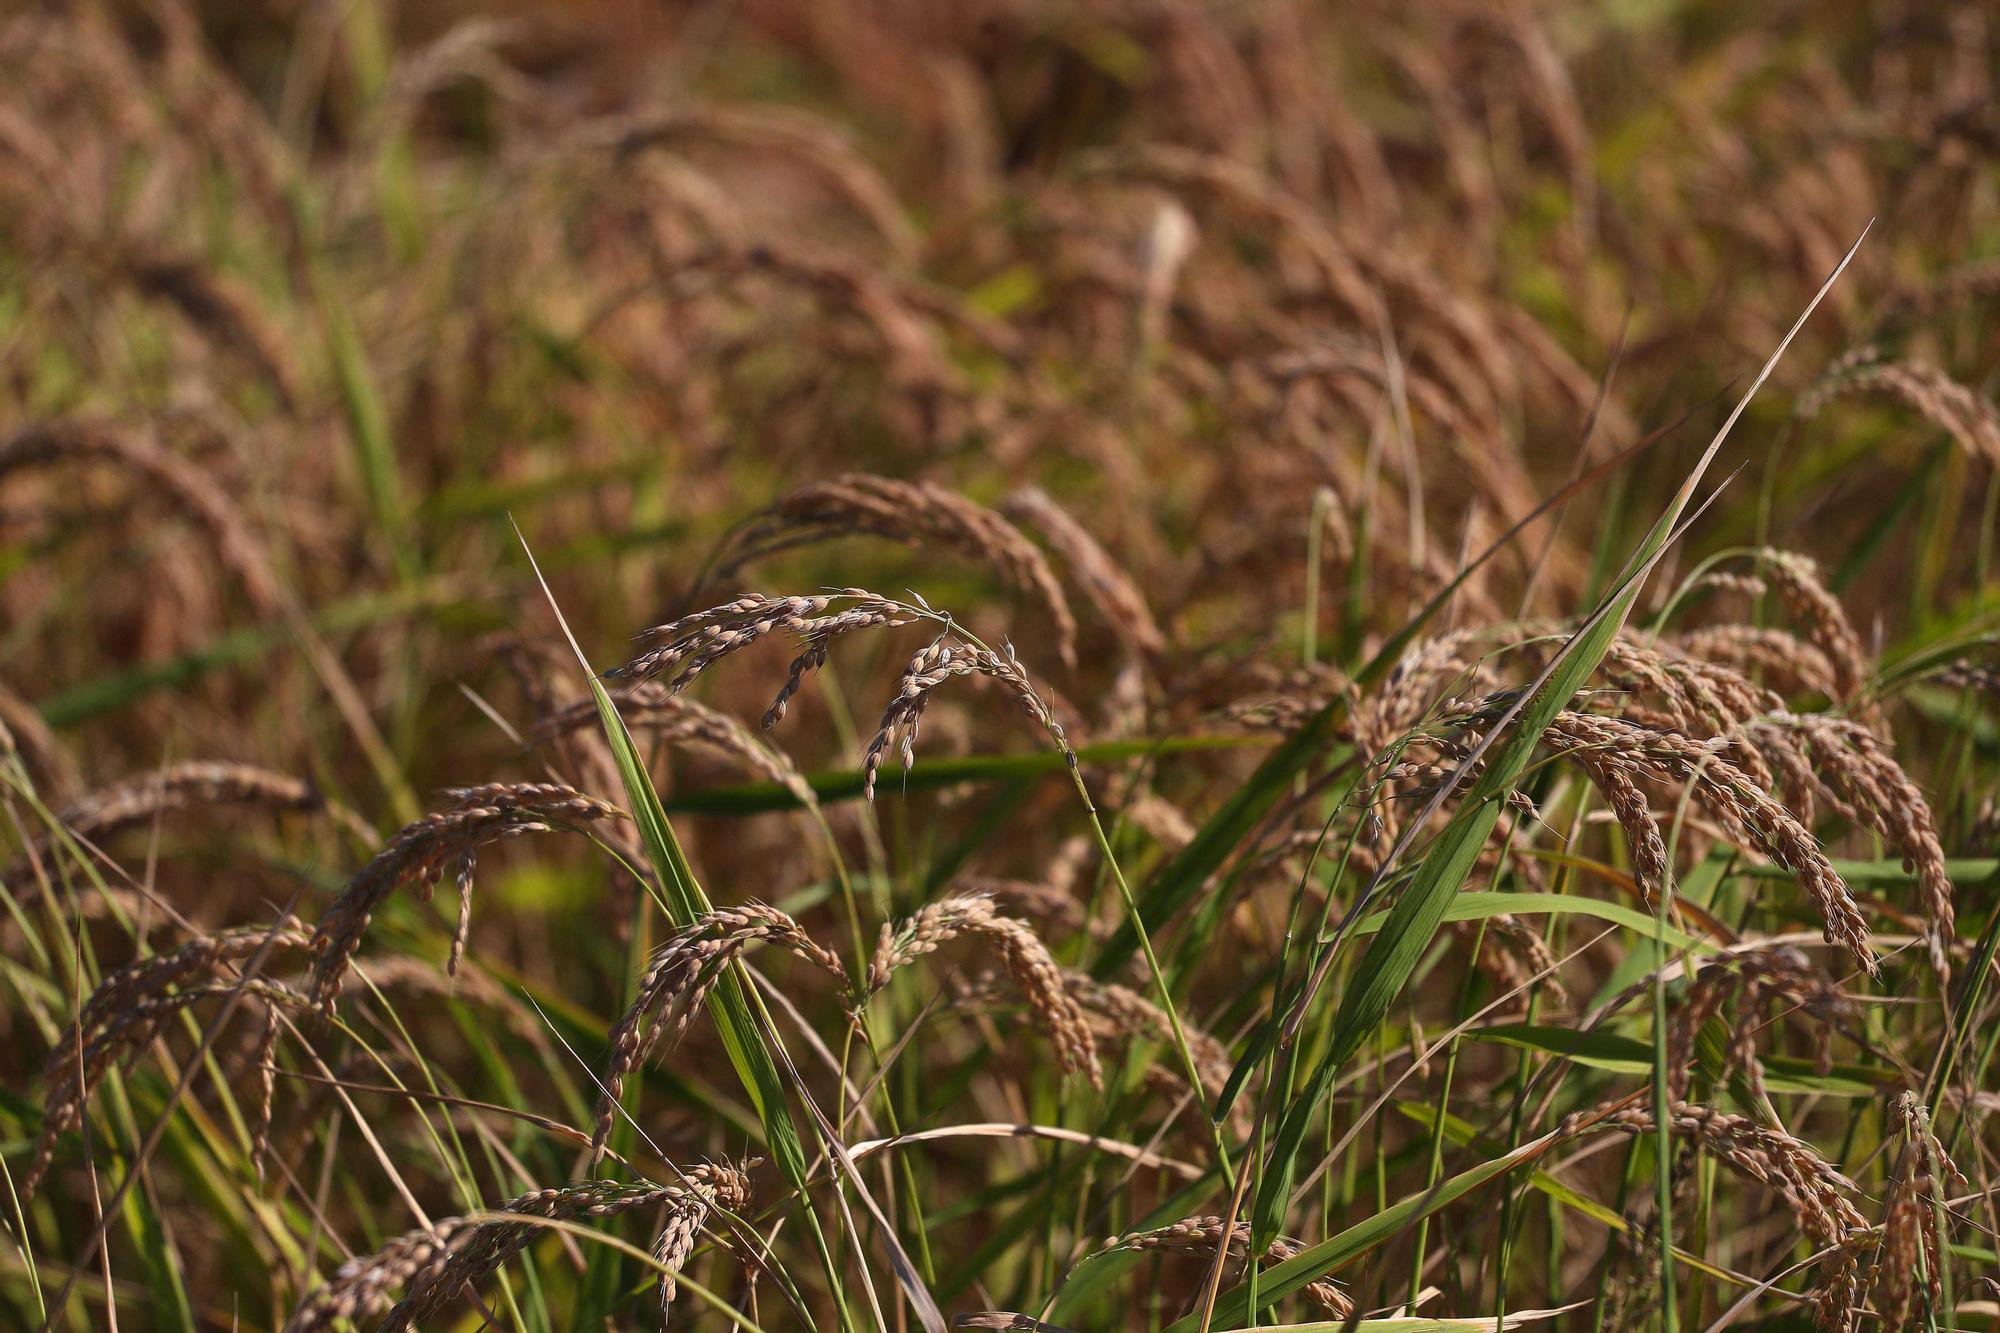 Comienza la siega del arroz en el Parque natural de La Albufera